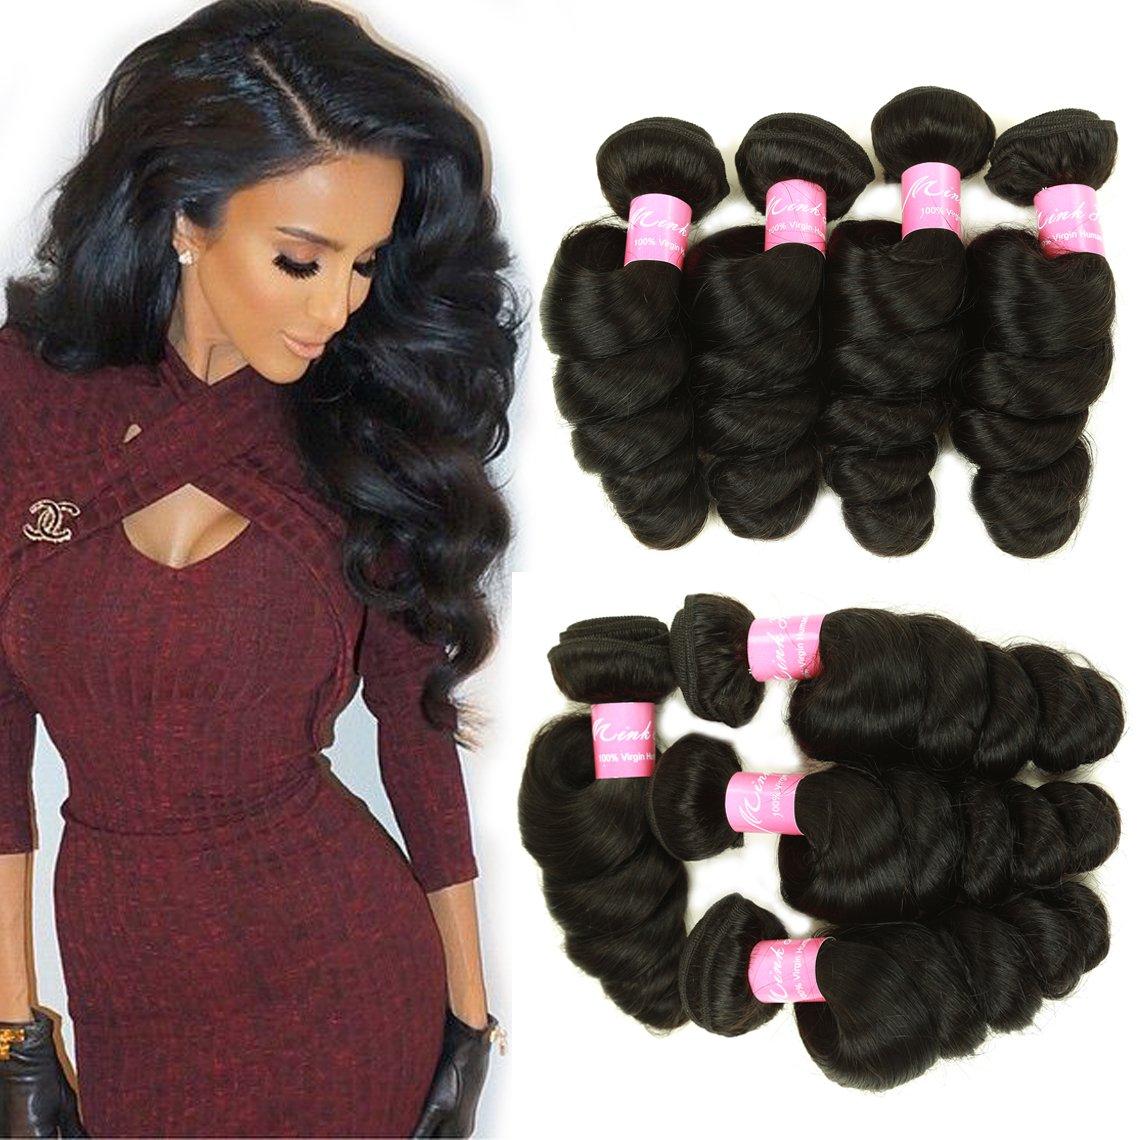 Amazon.com : Mink Hair 8A Loose Wave Bundles (20 22 24 24 ...